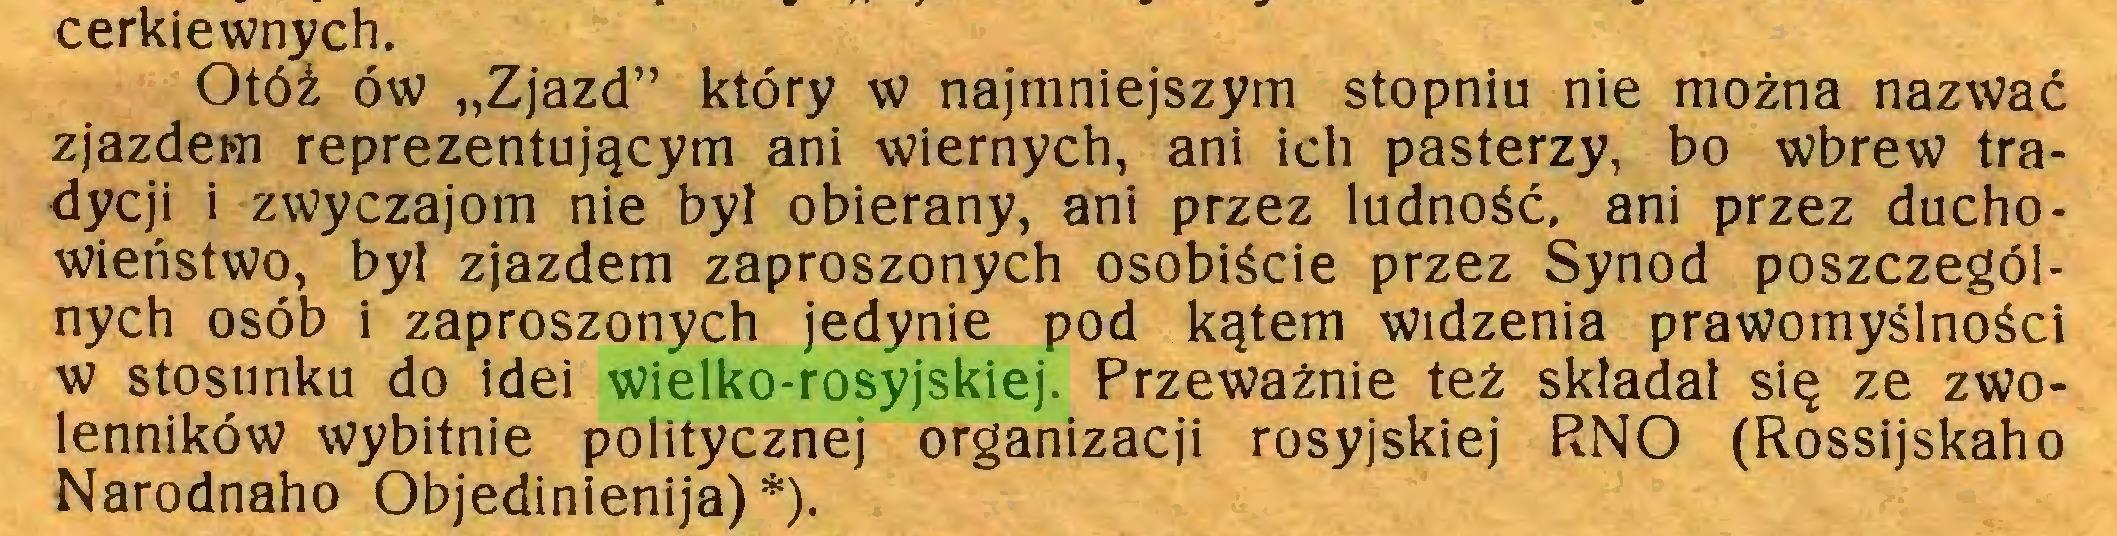 """(...) cerkiewnych. Otóż ów """"Zjazd"""" który w najmniejszym stopniu nie można nazwać zjazdem reprezentującym ani wiernych, ani ich pasterzy, bo wbrew tradycji i zwyczajom nie był obierany, ani przez ludność, ani przez duchowieństwo, był zjazdem zaproszonych osobiście przez Synod poszczególnych osób i zaproszonych jedynie pod kątem widzenia prawomyślności w stosunku do idei wielko-rosyjskiej. Przeważnie też składał się ze zwolenników wybitnie politycznej organizacji rosyjskiej RNO (Rossijskaho Narodnaho Objedinienija) *)..."""